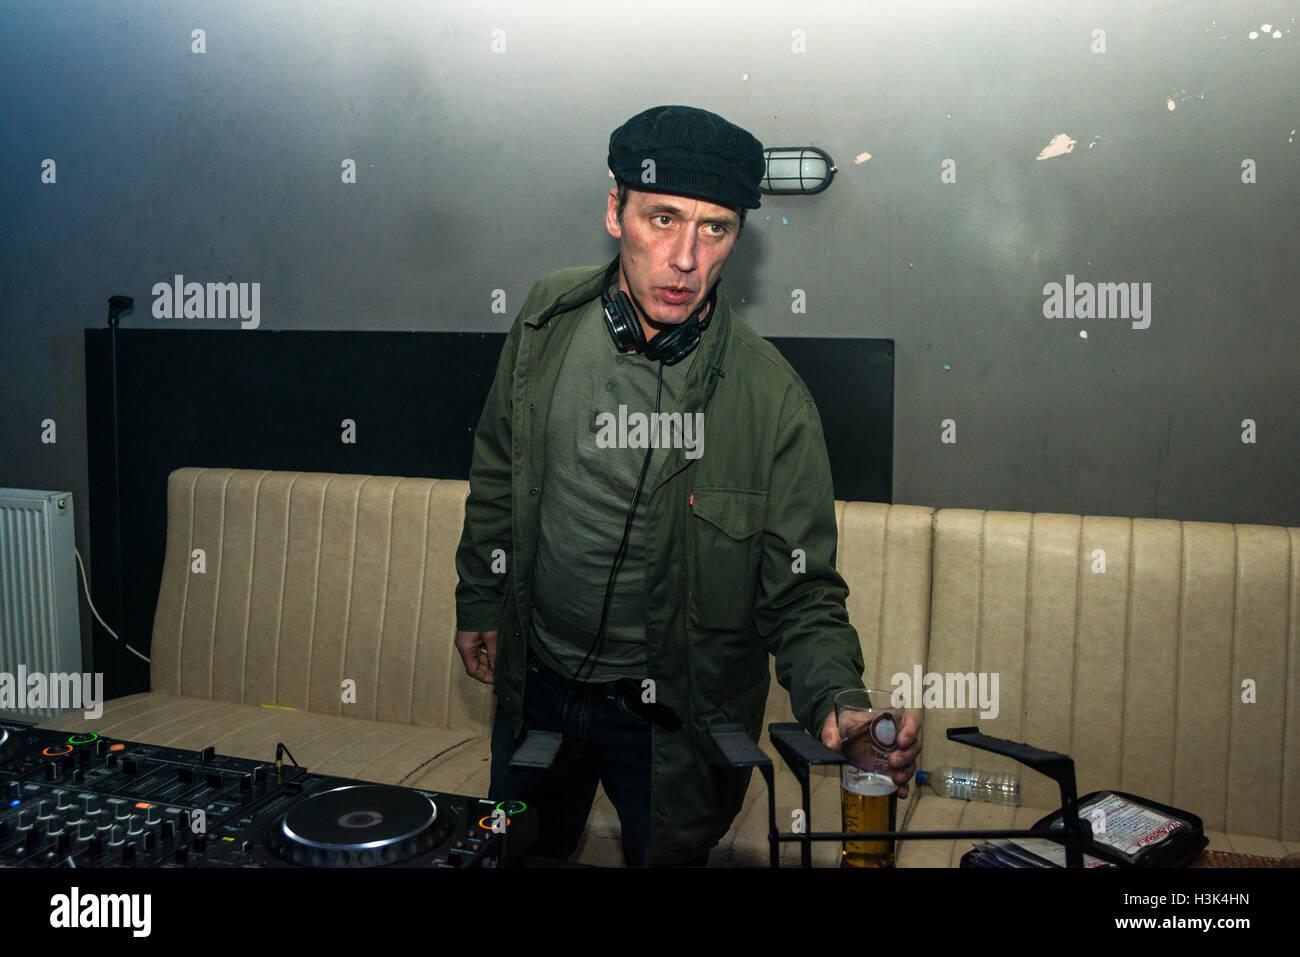 Londres, 8 octobre 2016. Oasis et Noel Gallagher's tour DJ Phil Smith djing à cette sensation présente, Londres, Nambucca Heads. Credit: Alberto Pezzali/Alamy live news Banque D'Images